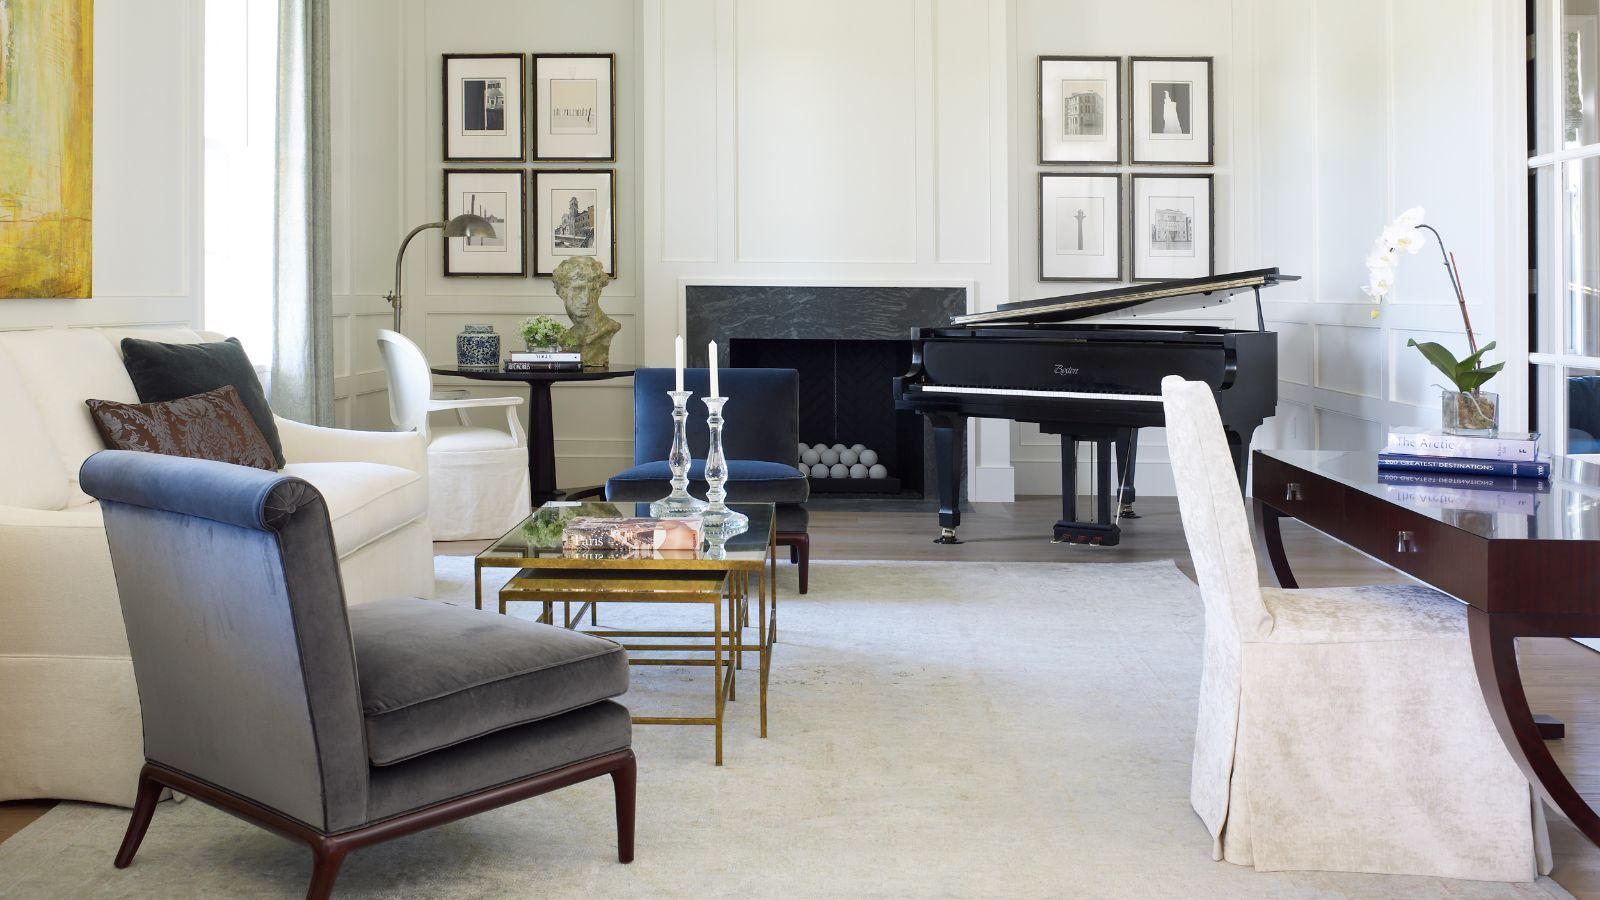 Boston Pianos - Steinway & Sons